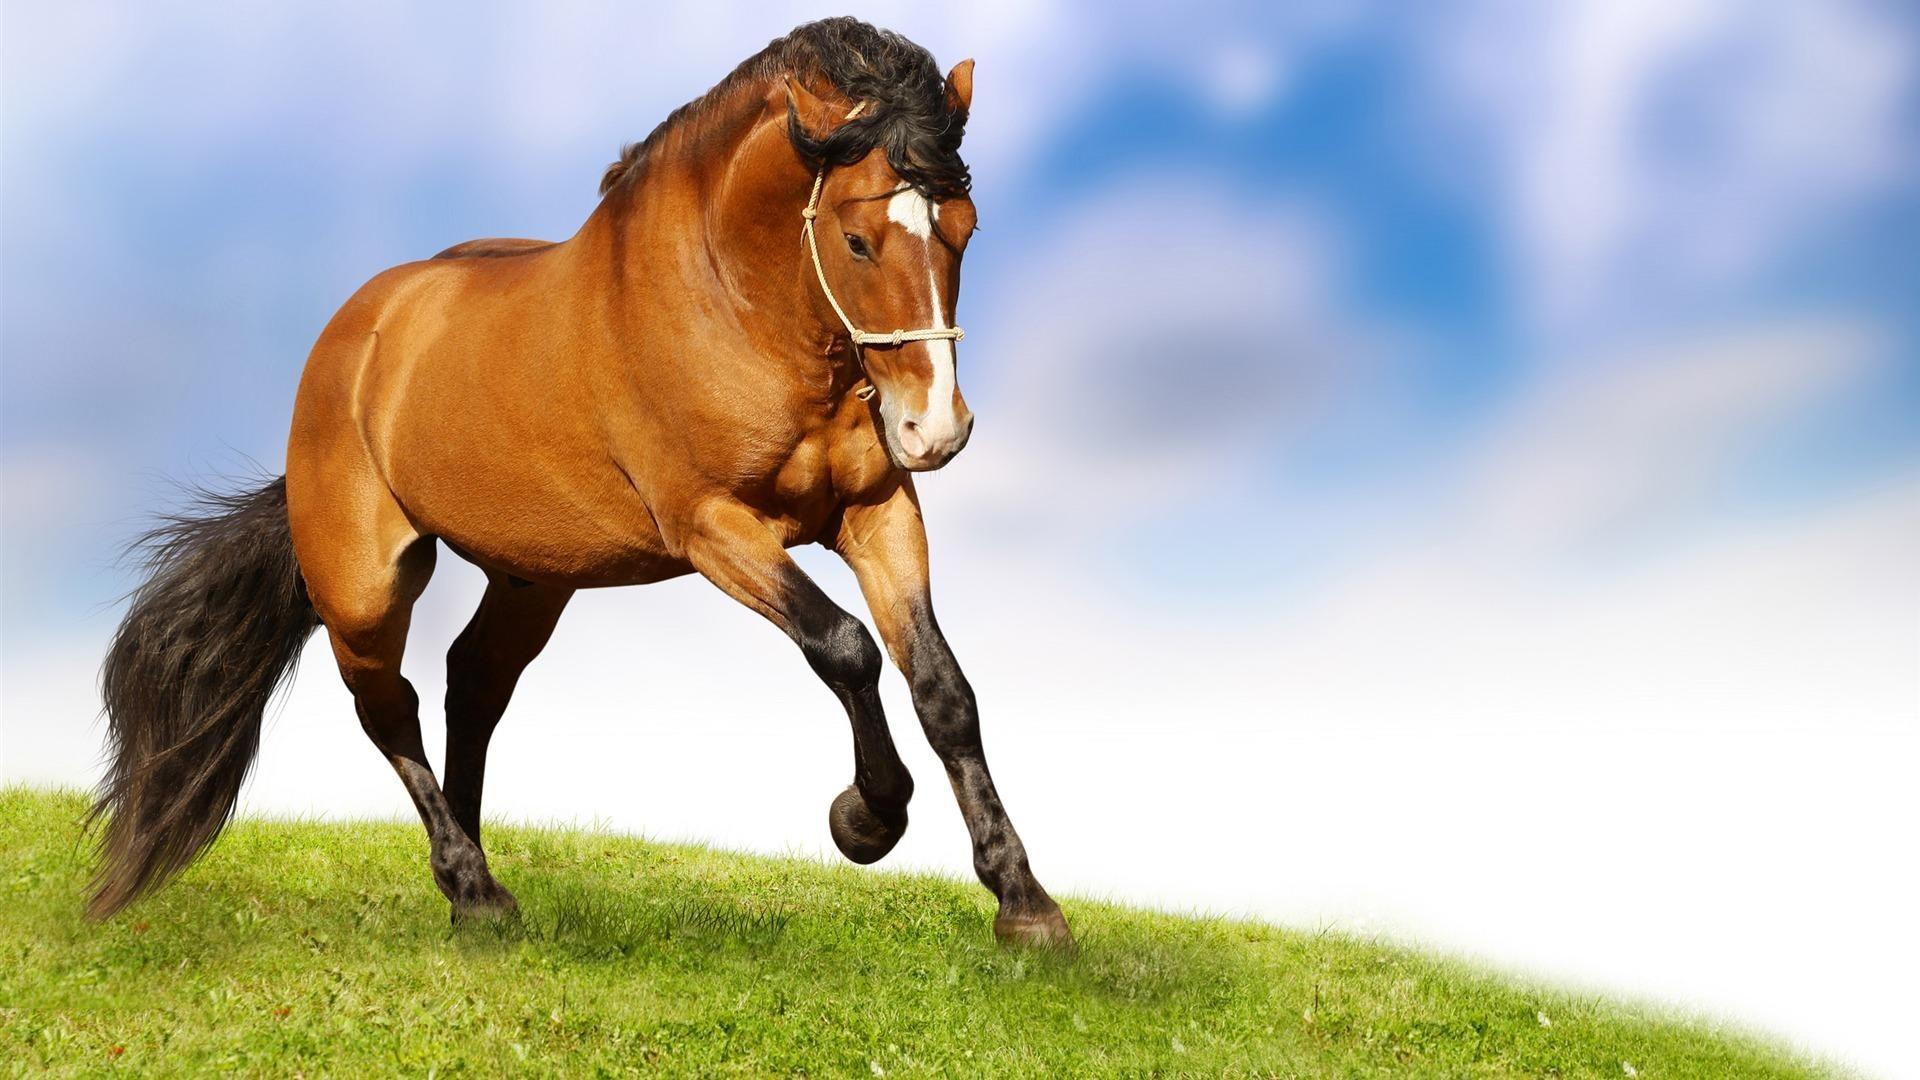 7 Horse Hd Wallpapers 1920x1080 Nosirix